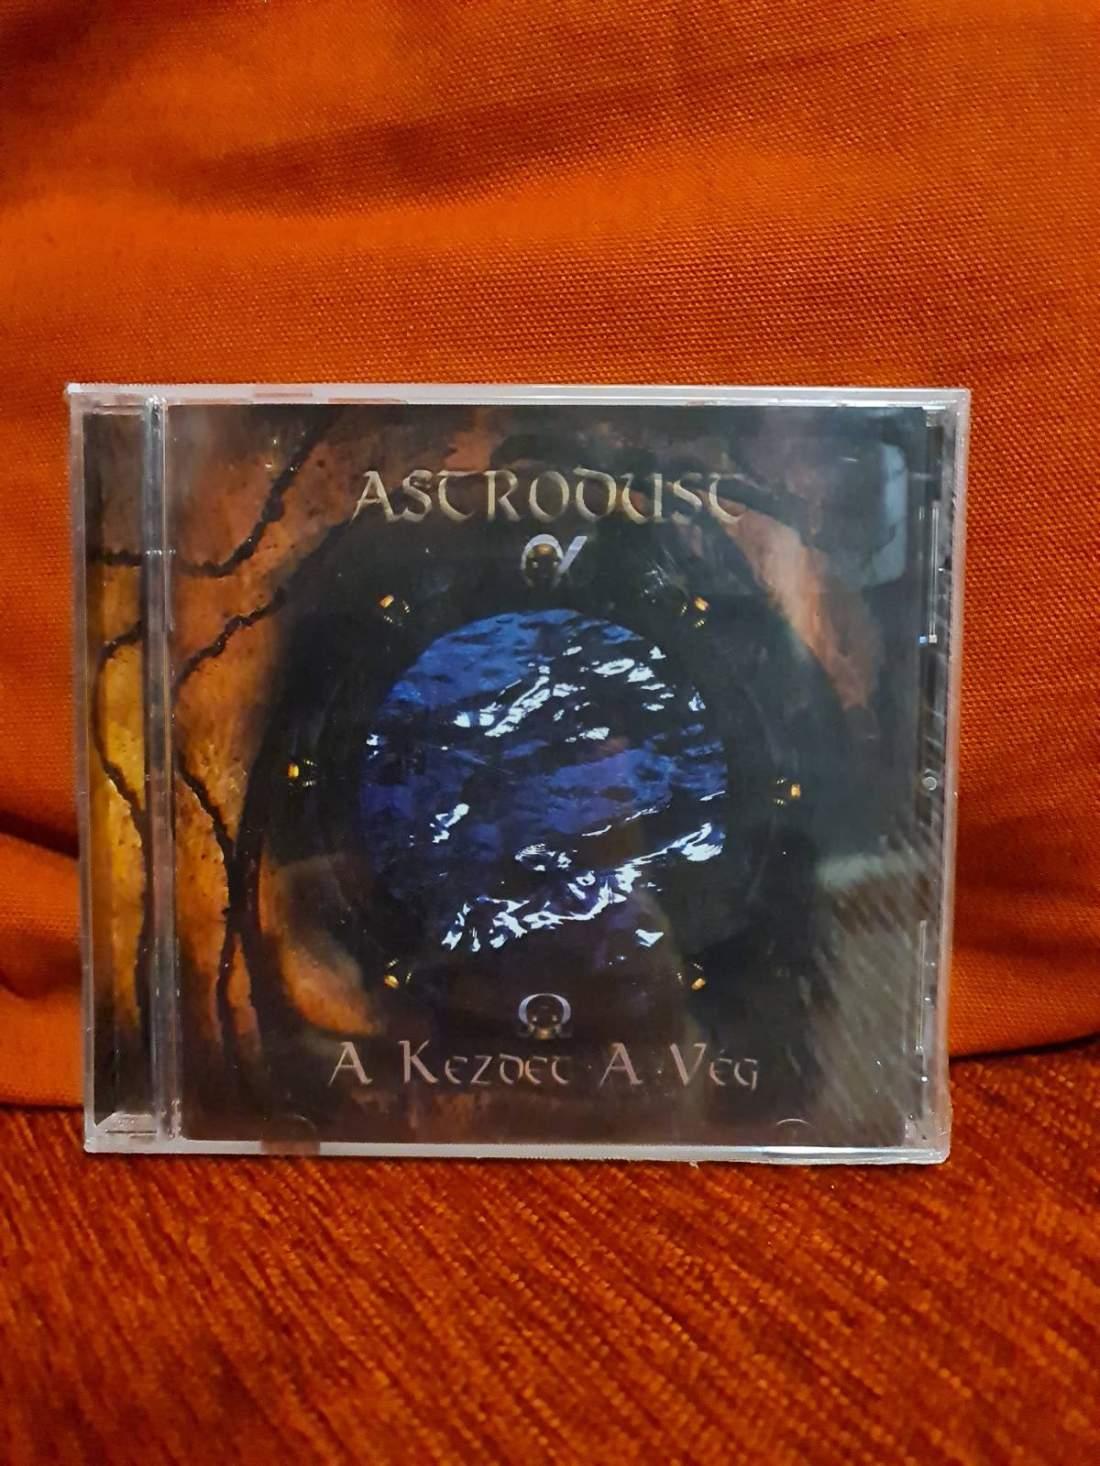 ASTRODUST - KEZDET A VÉG CD